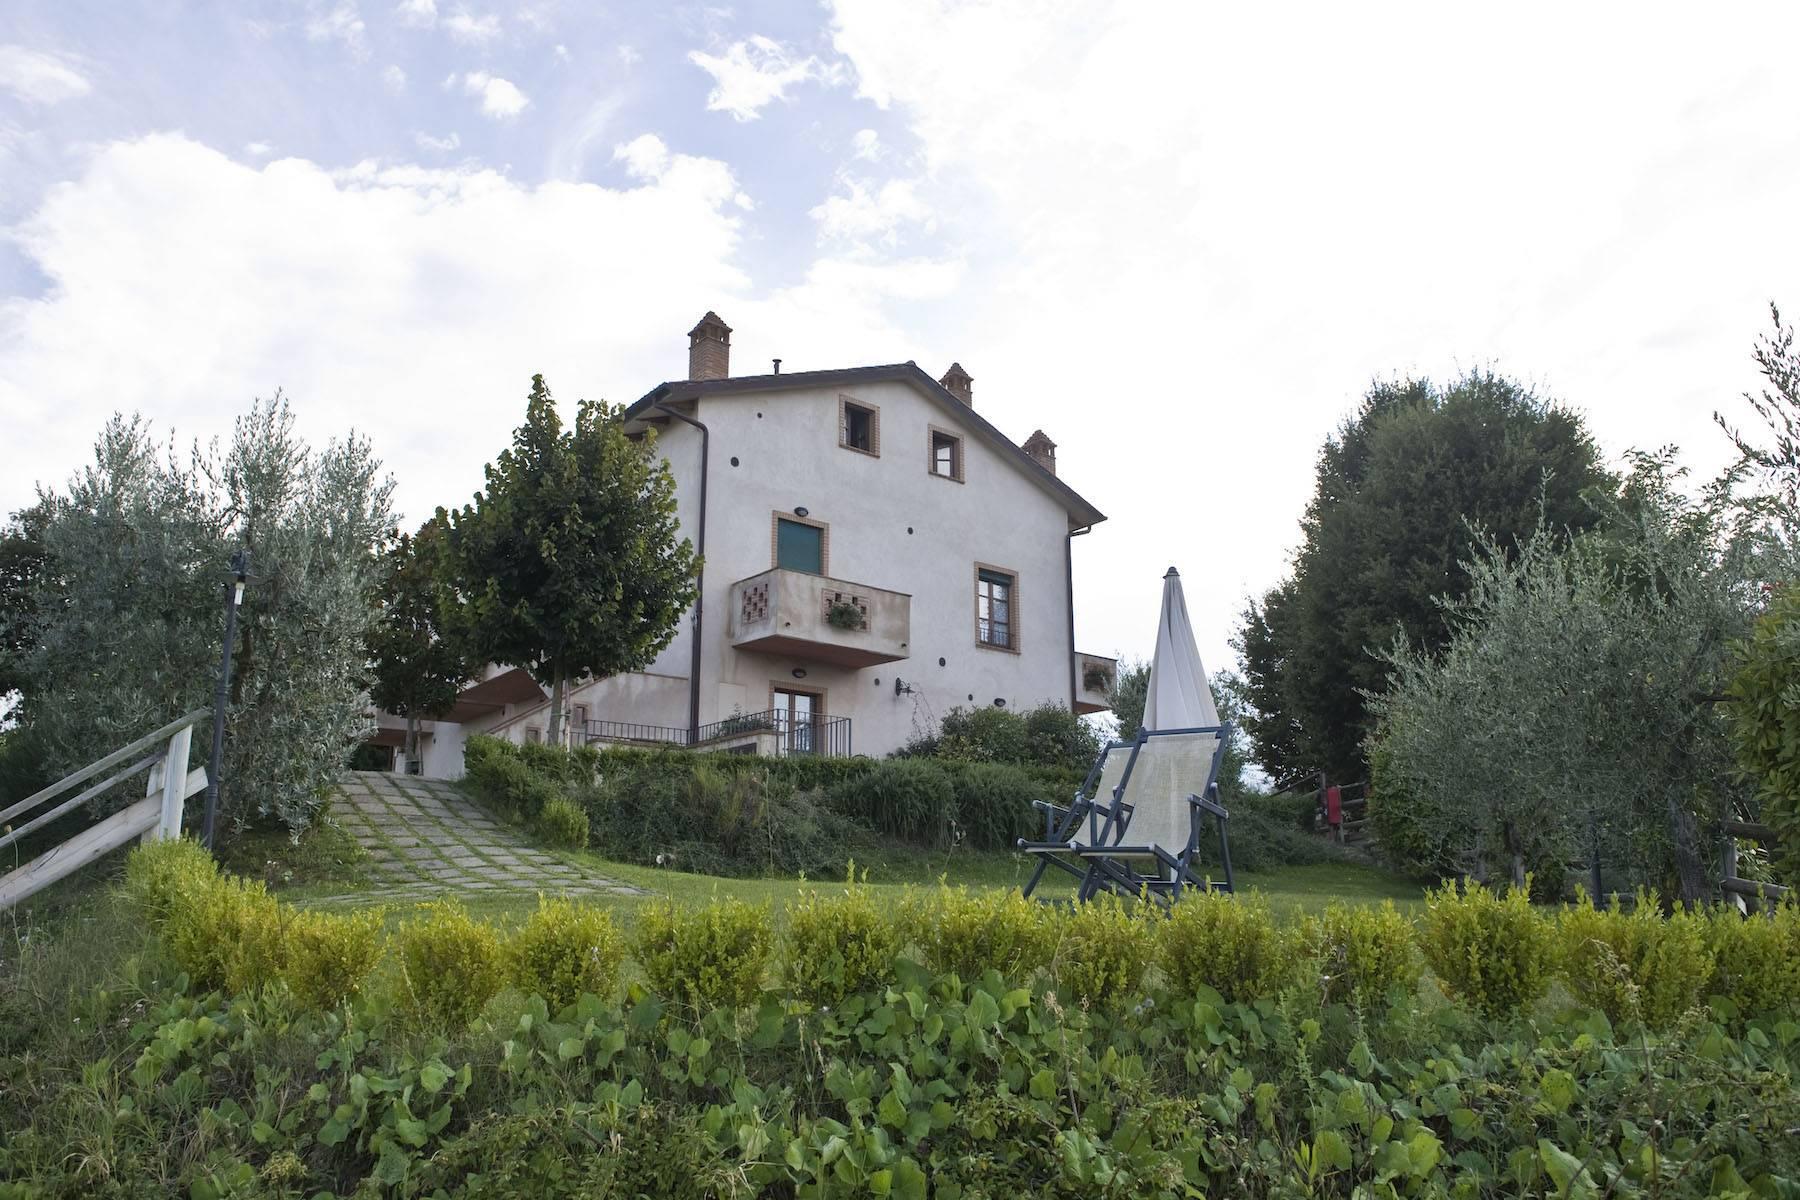 Rustico in Vendita a Montepulciano: 5 locali, 478 mq - Foto 7